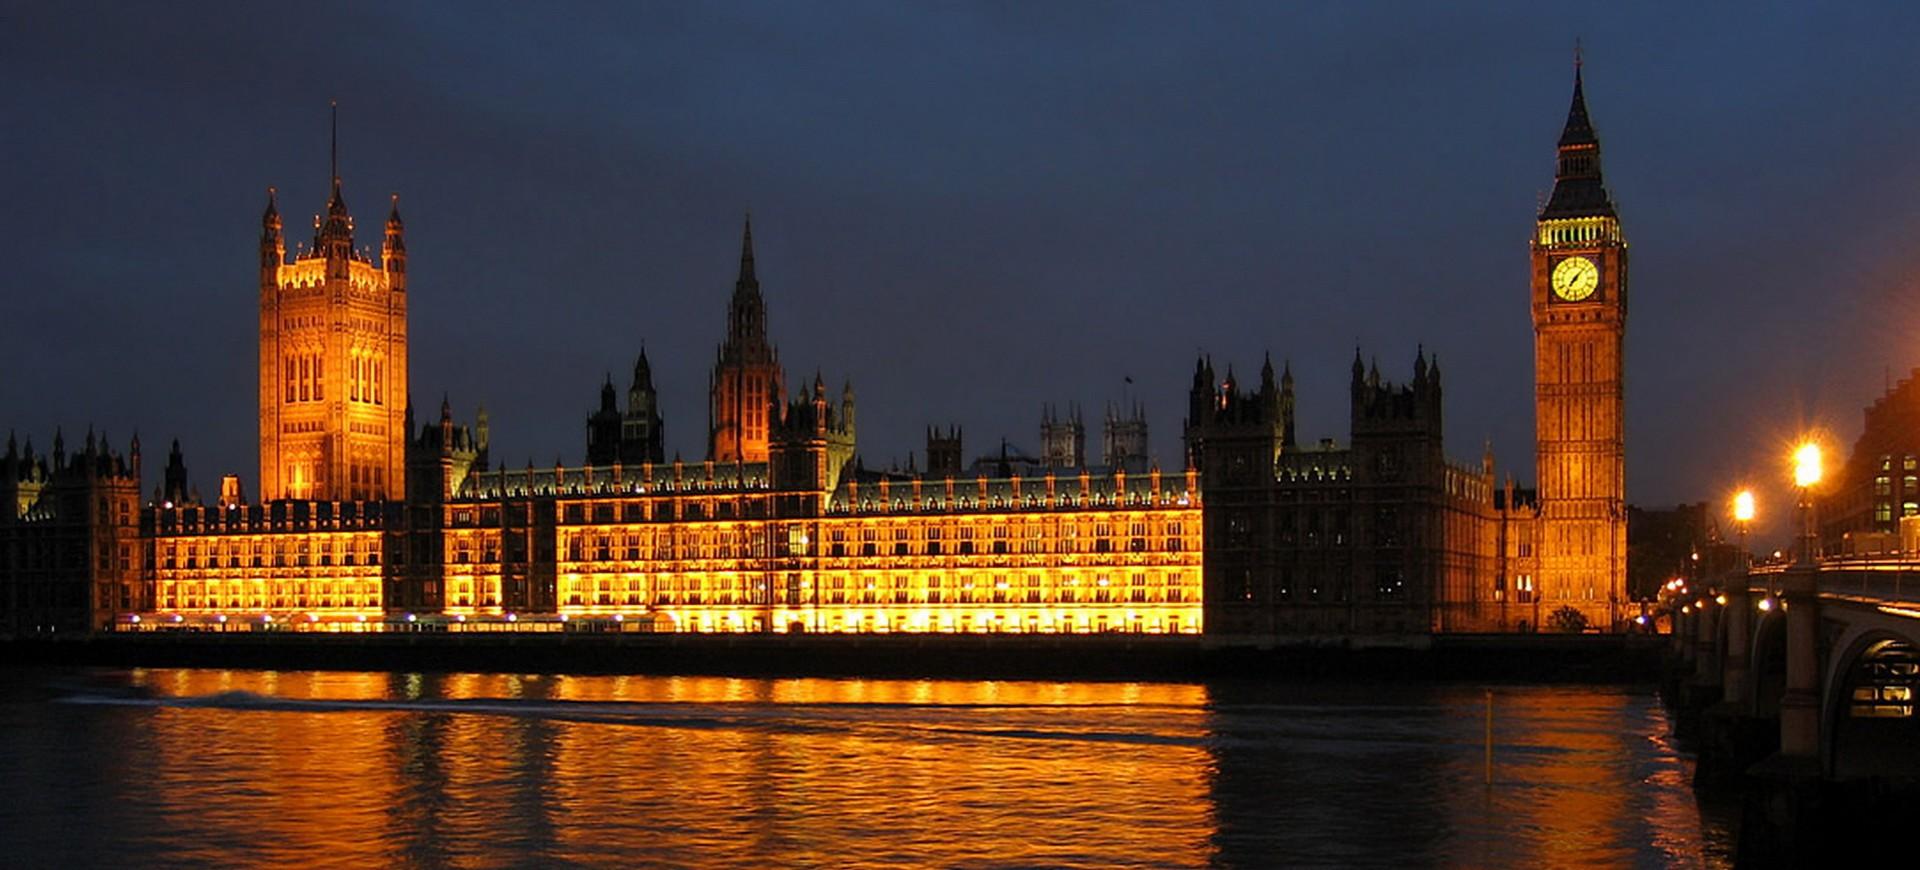 Royaume Uni Londres Palais de Westminister